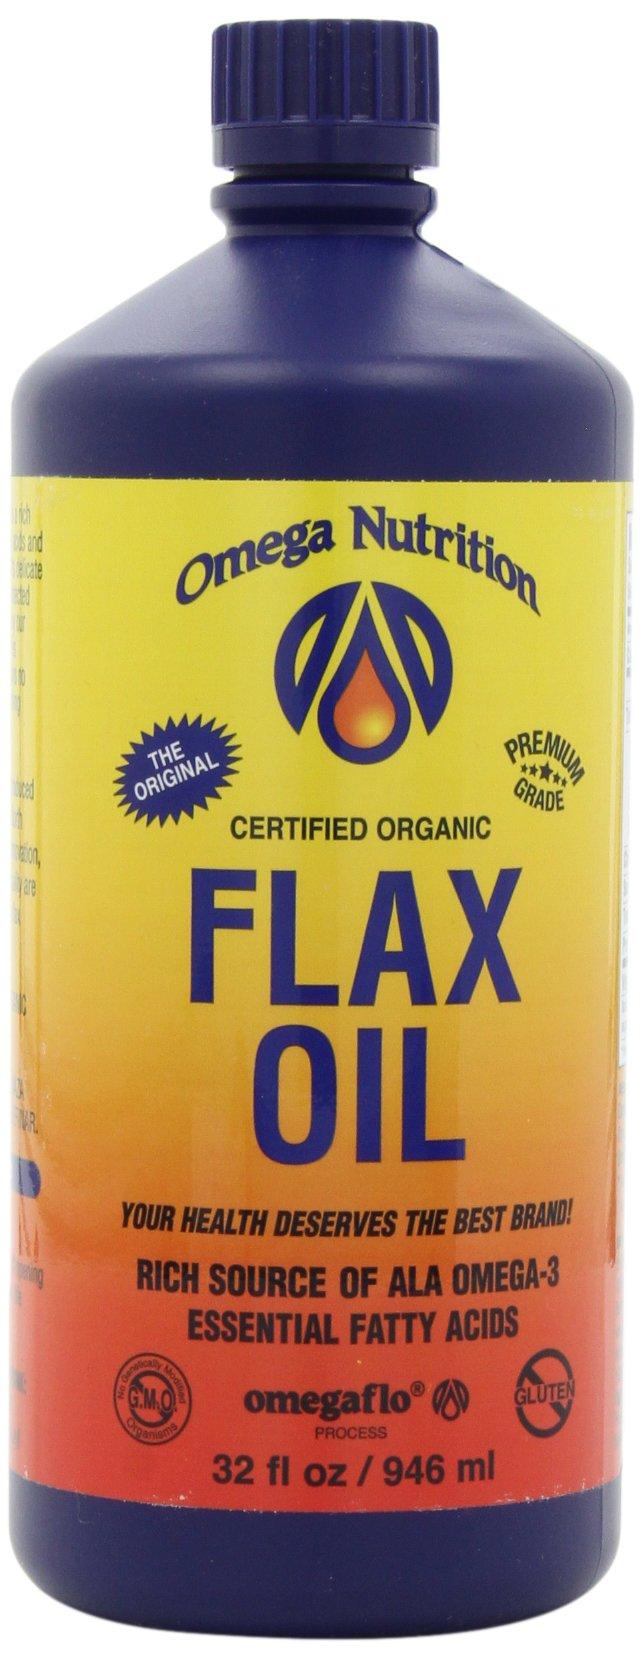 Omega Nutrition Flax Seed Oil, 32-Ounce